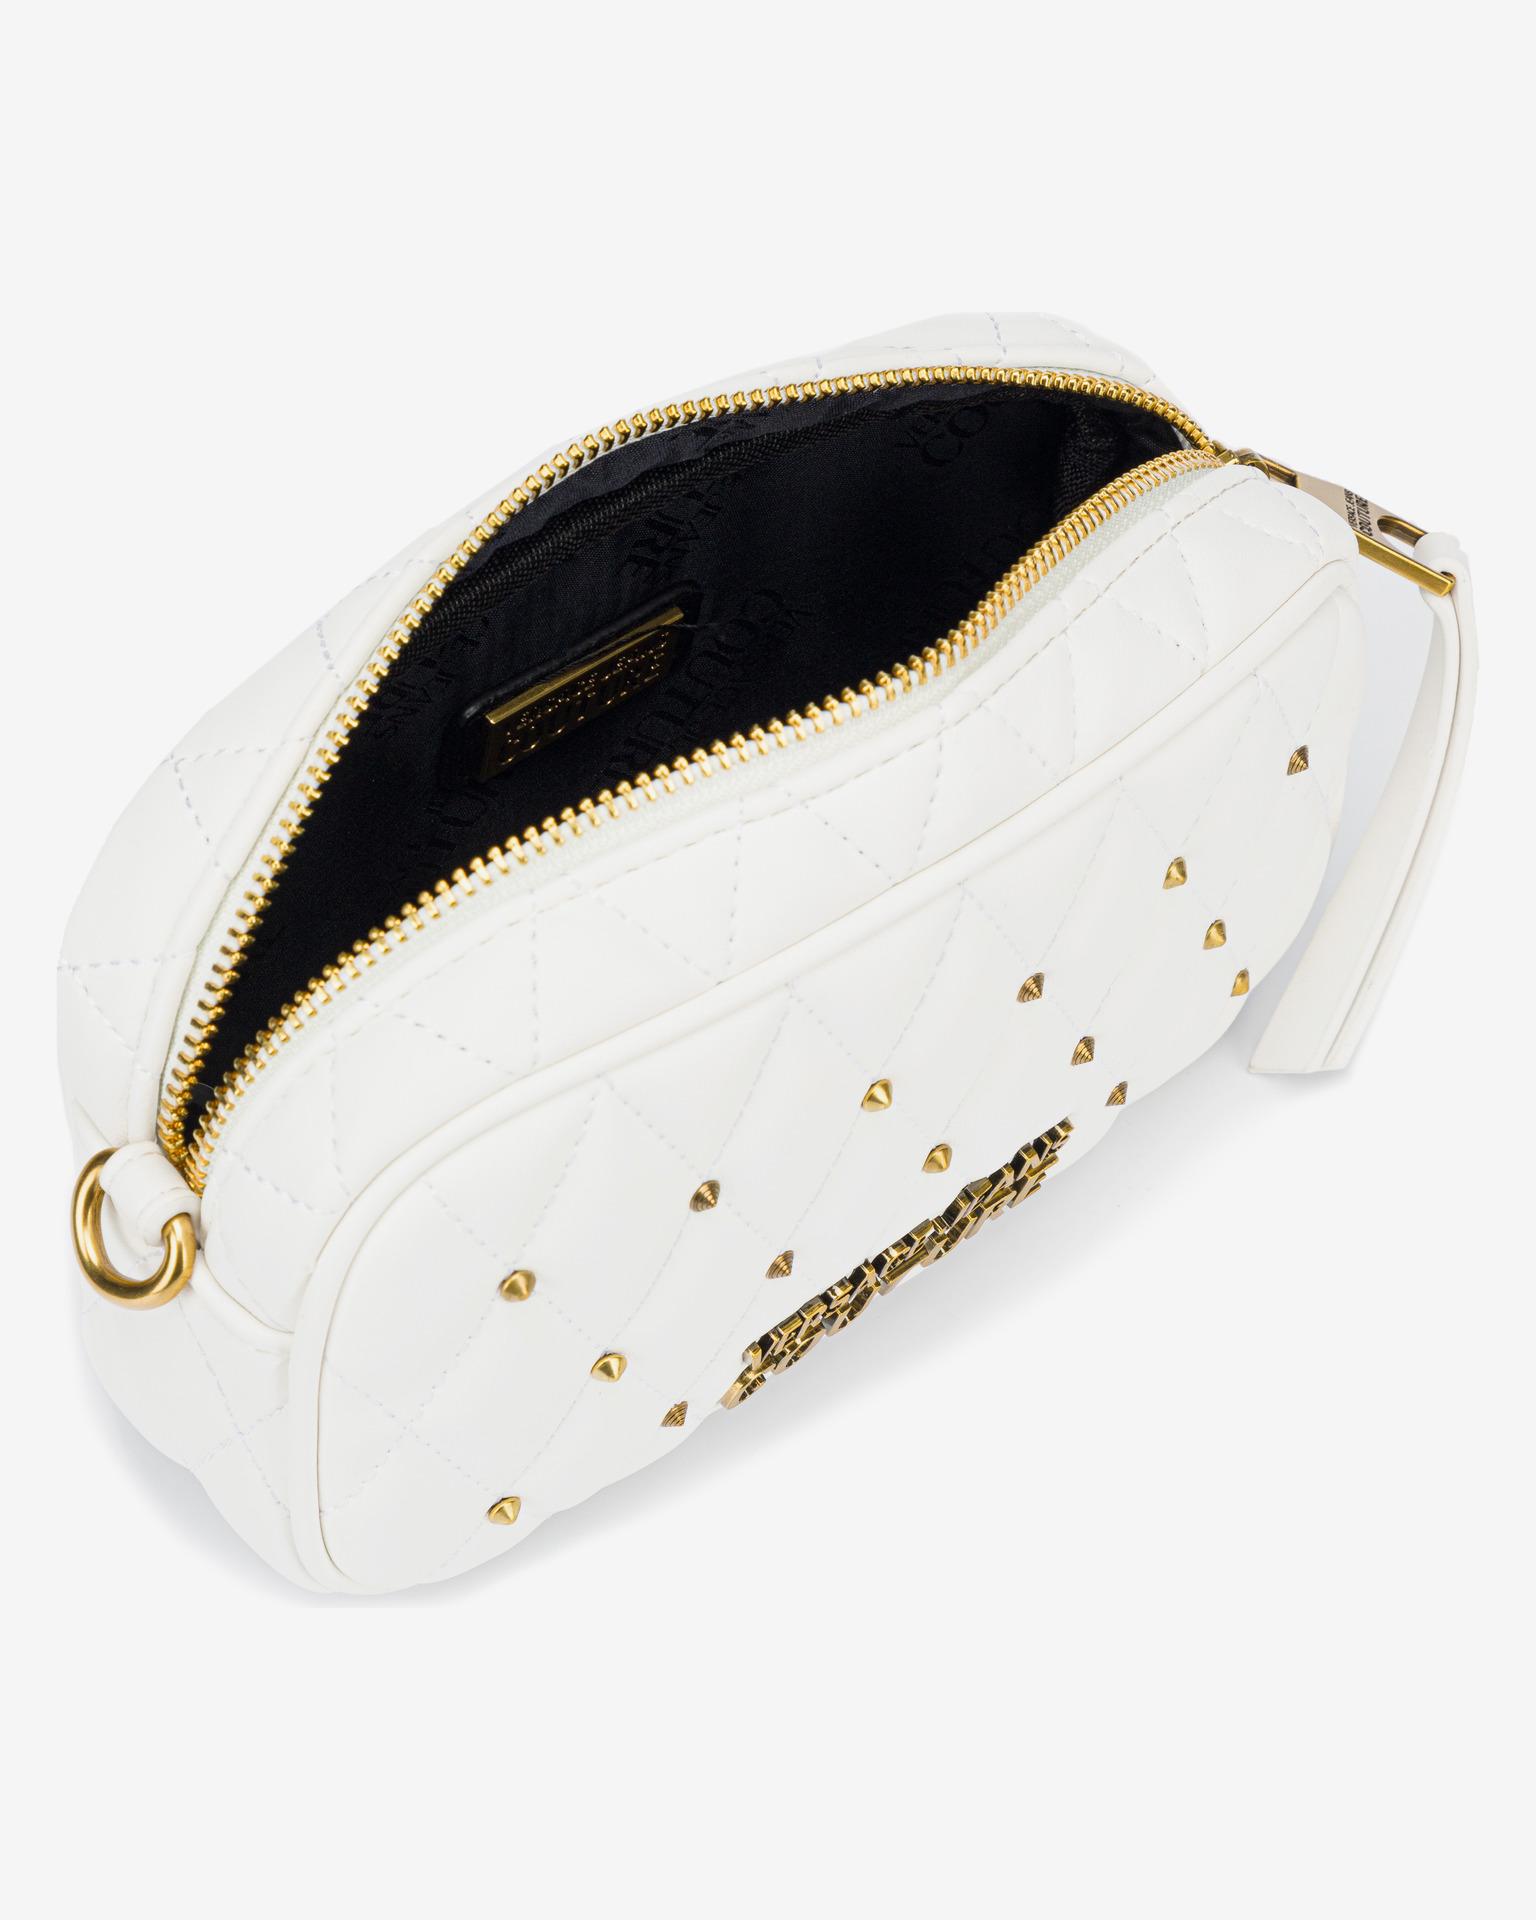 Versace Jeans Couture bianco borsetta